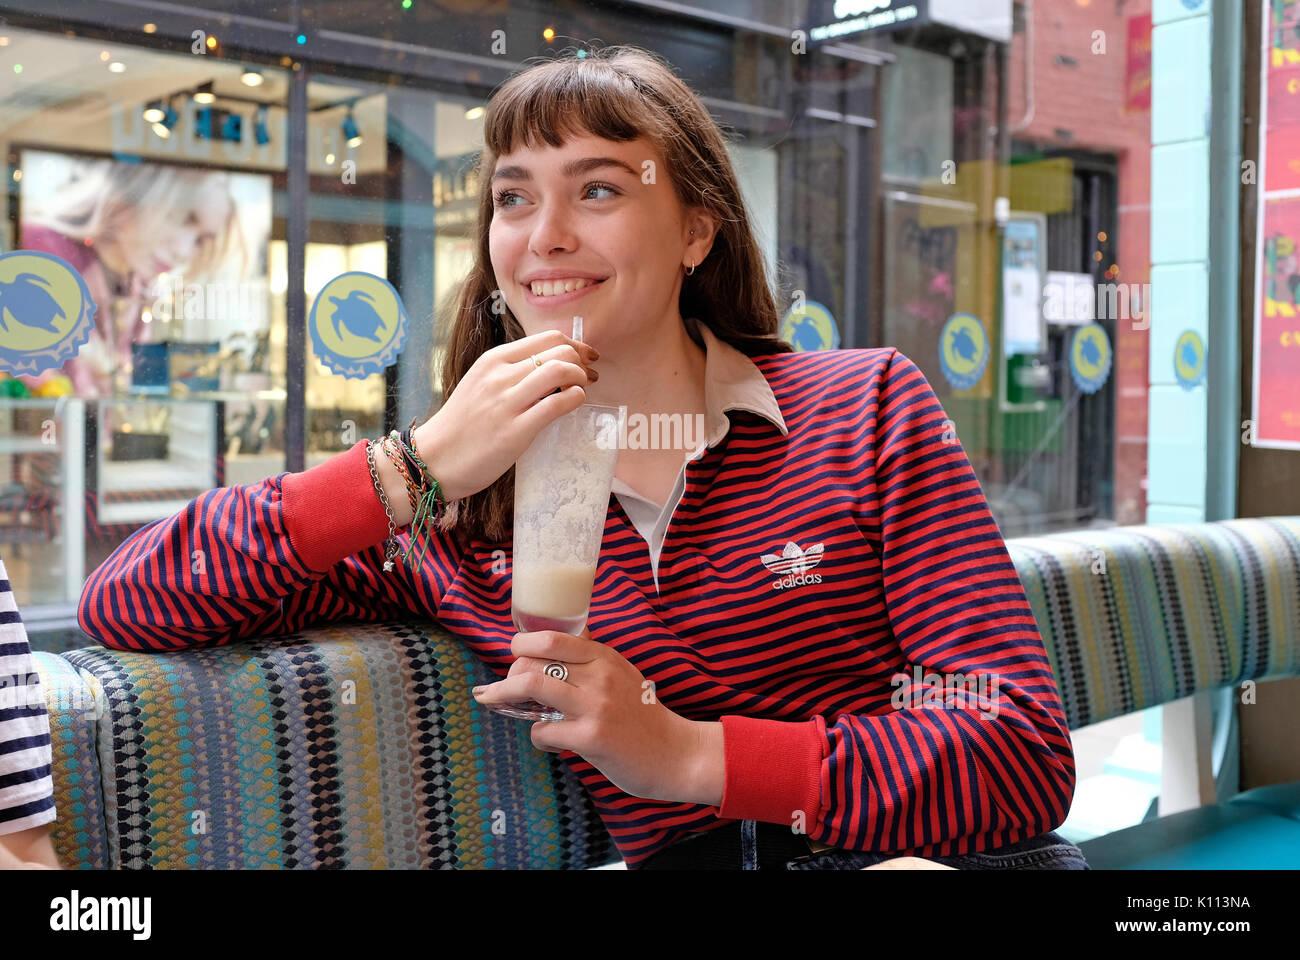 Junge Teenager weiblich im Cafe Stockbild